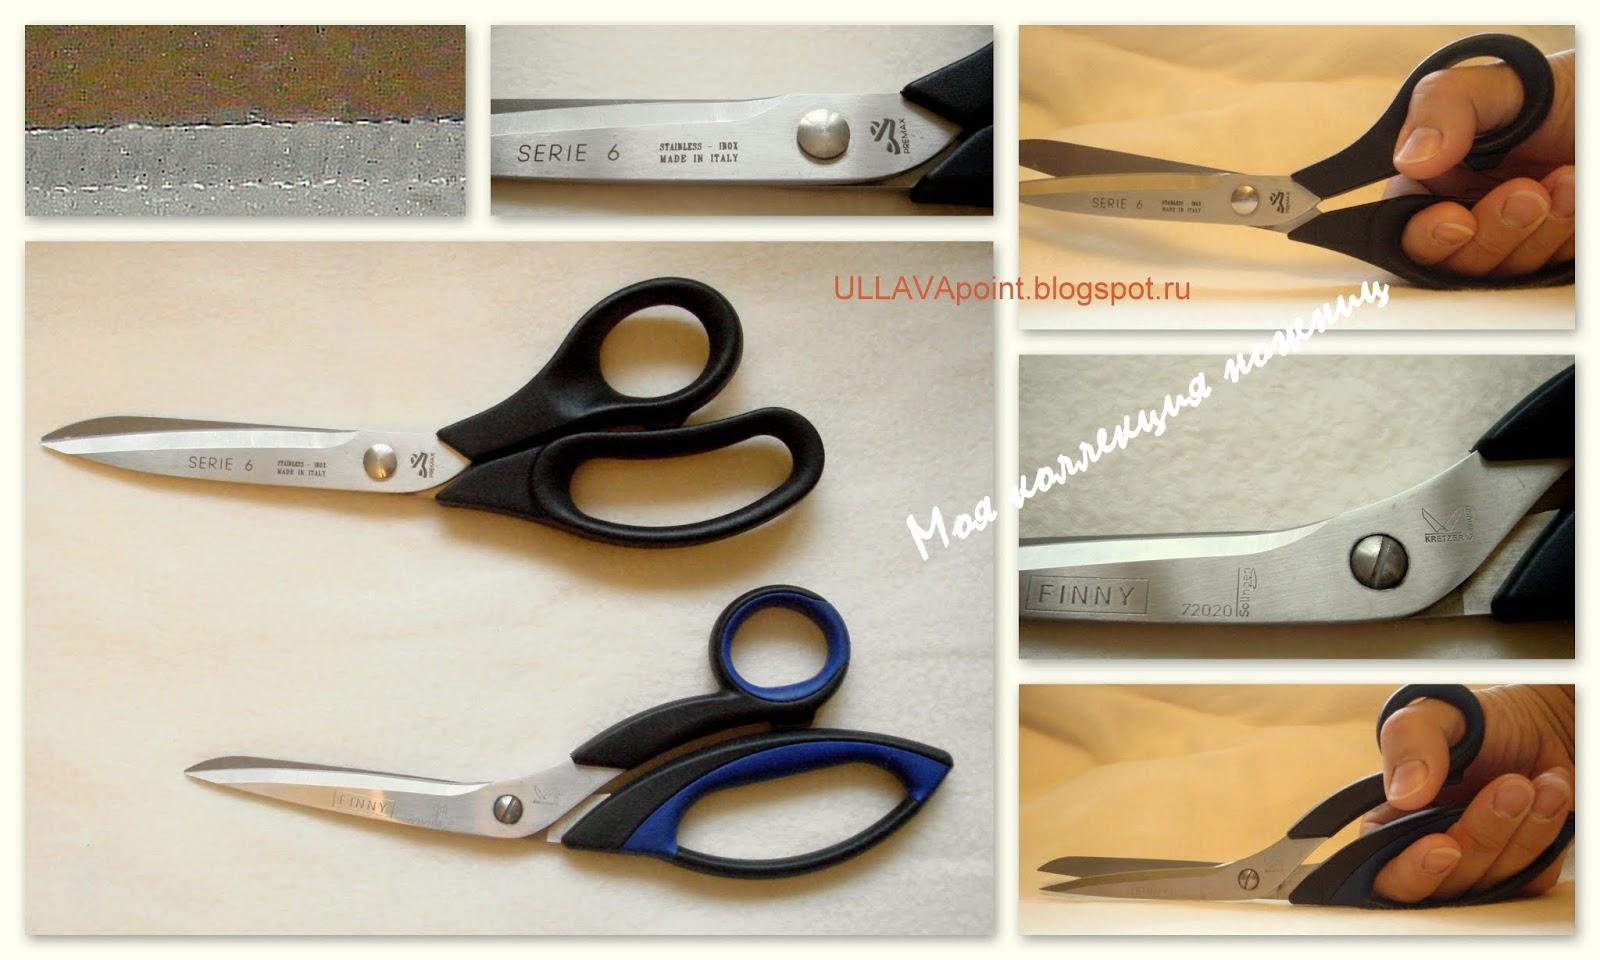 ножницы для шитья PREMAX и KRETZER FINNY